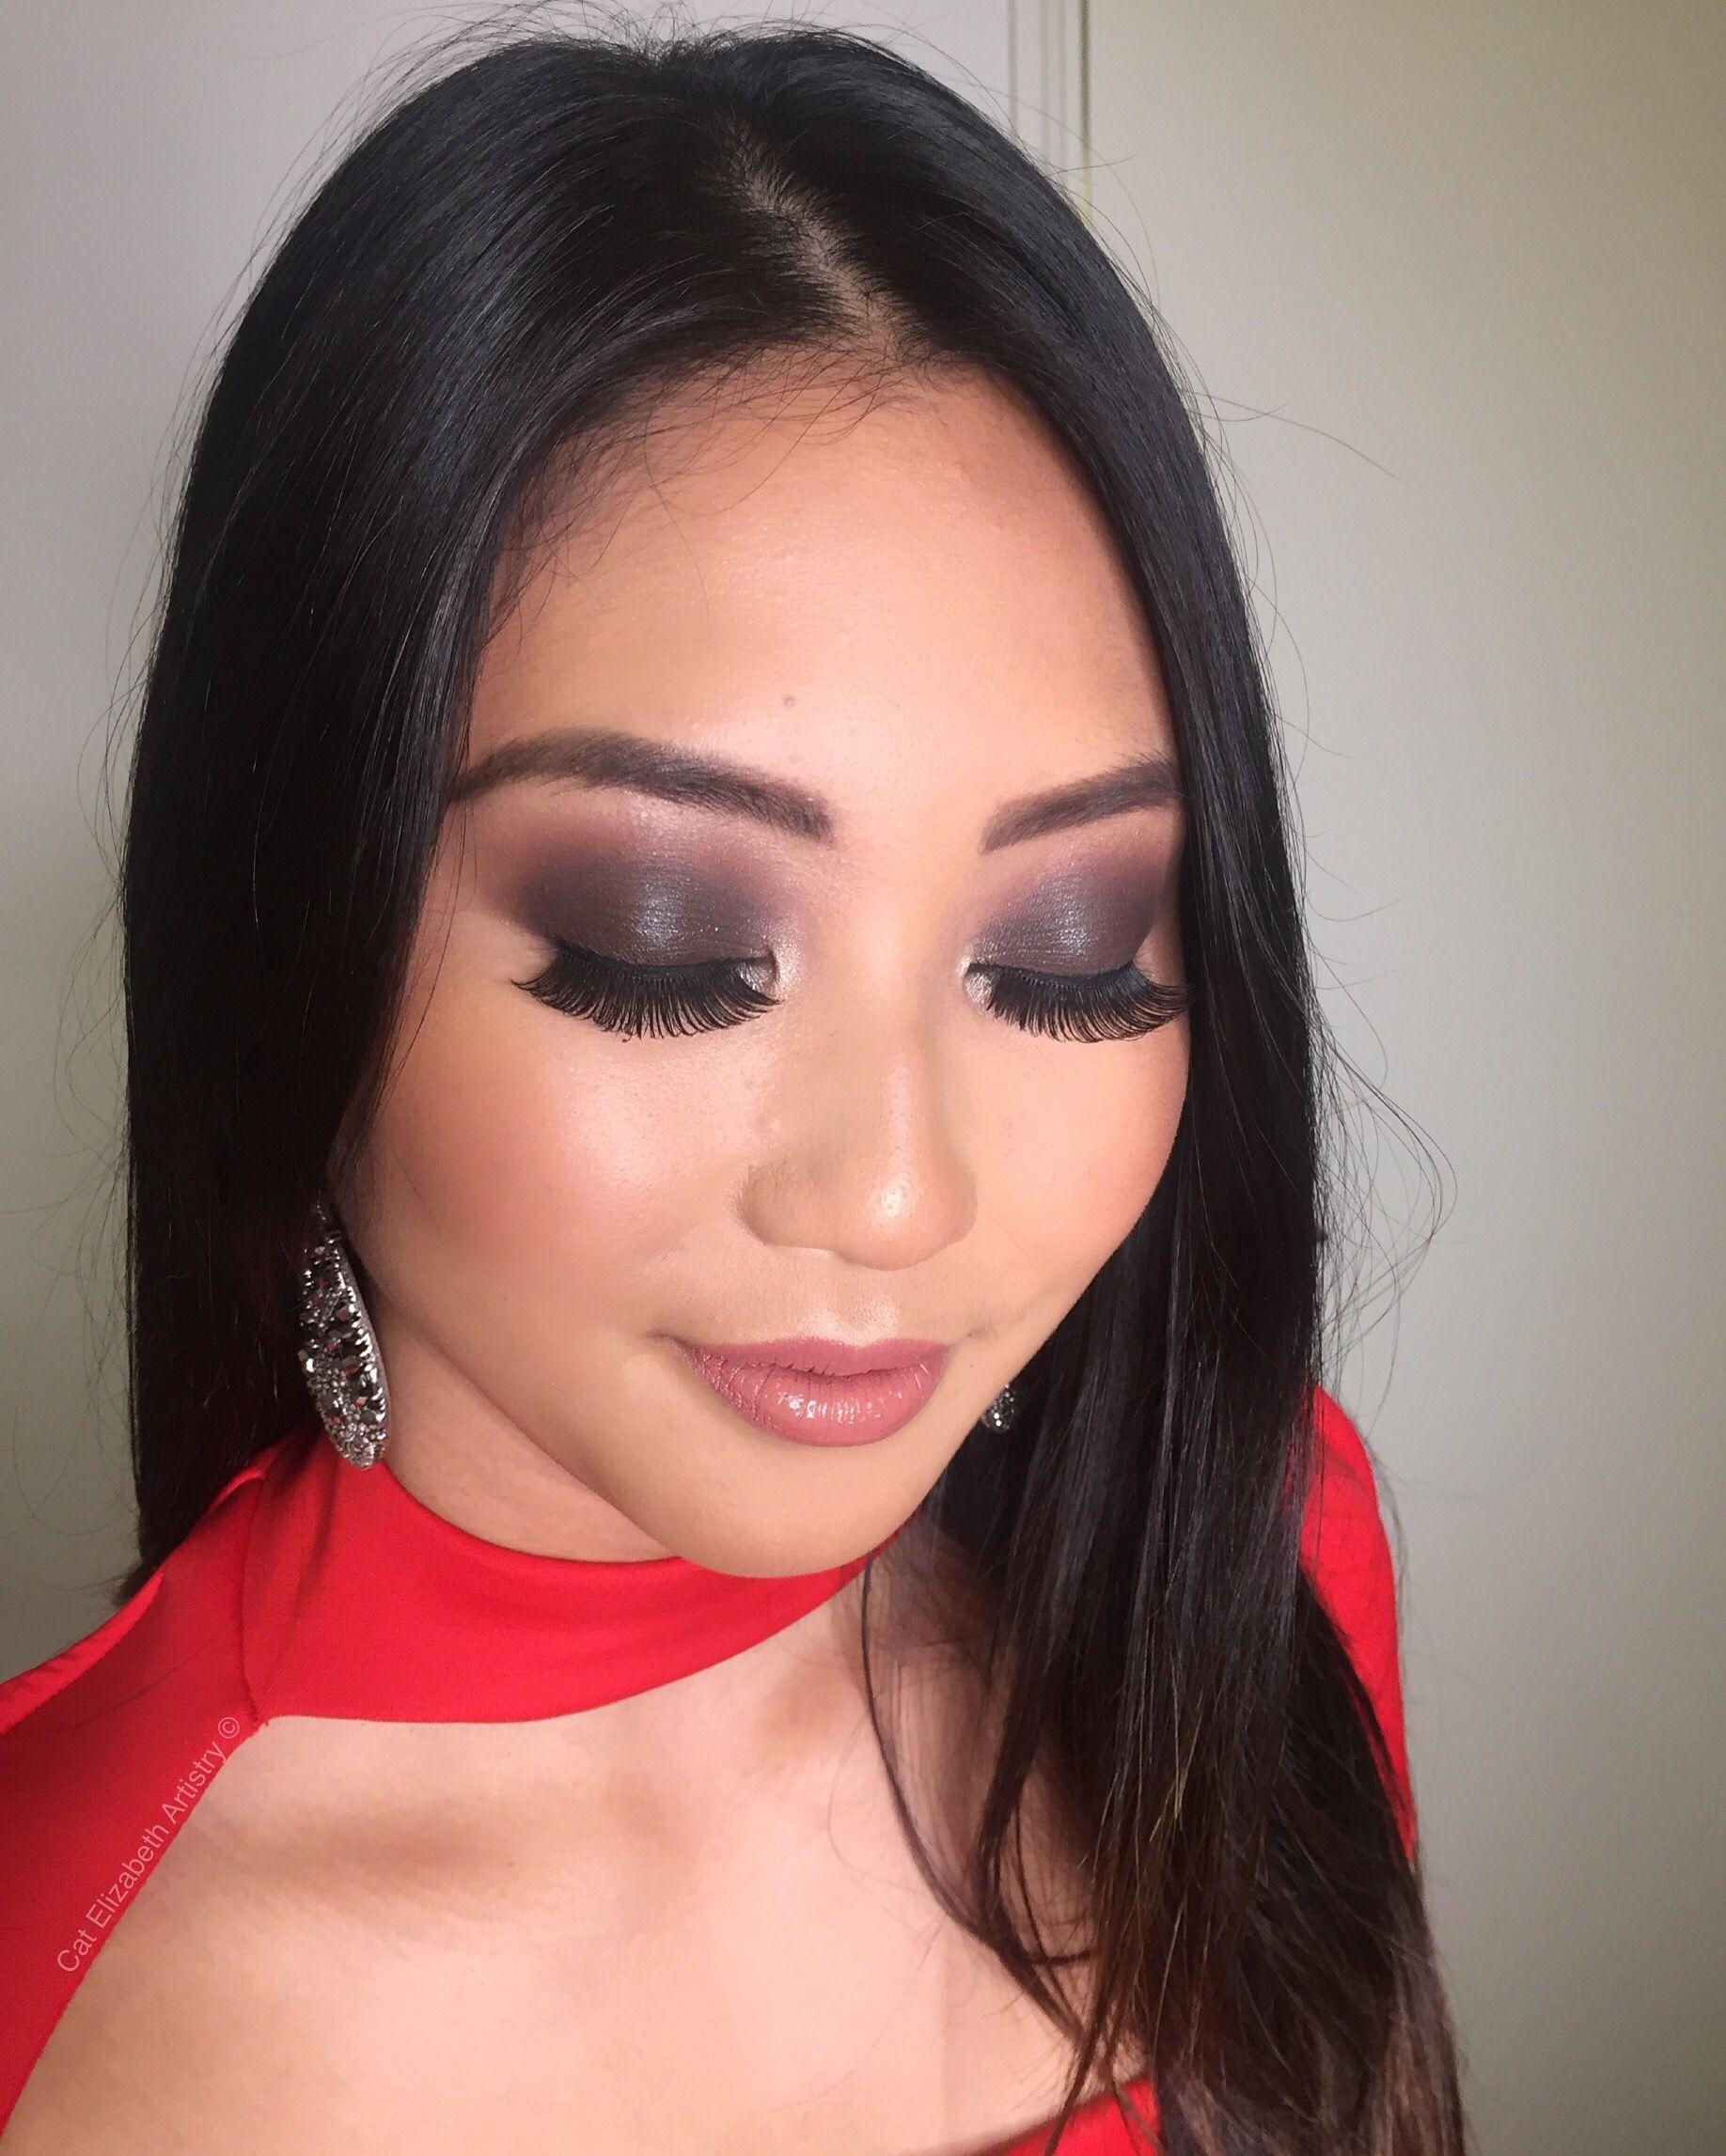 Asian eyes hooded lid modern makeup trend 2016 2016